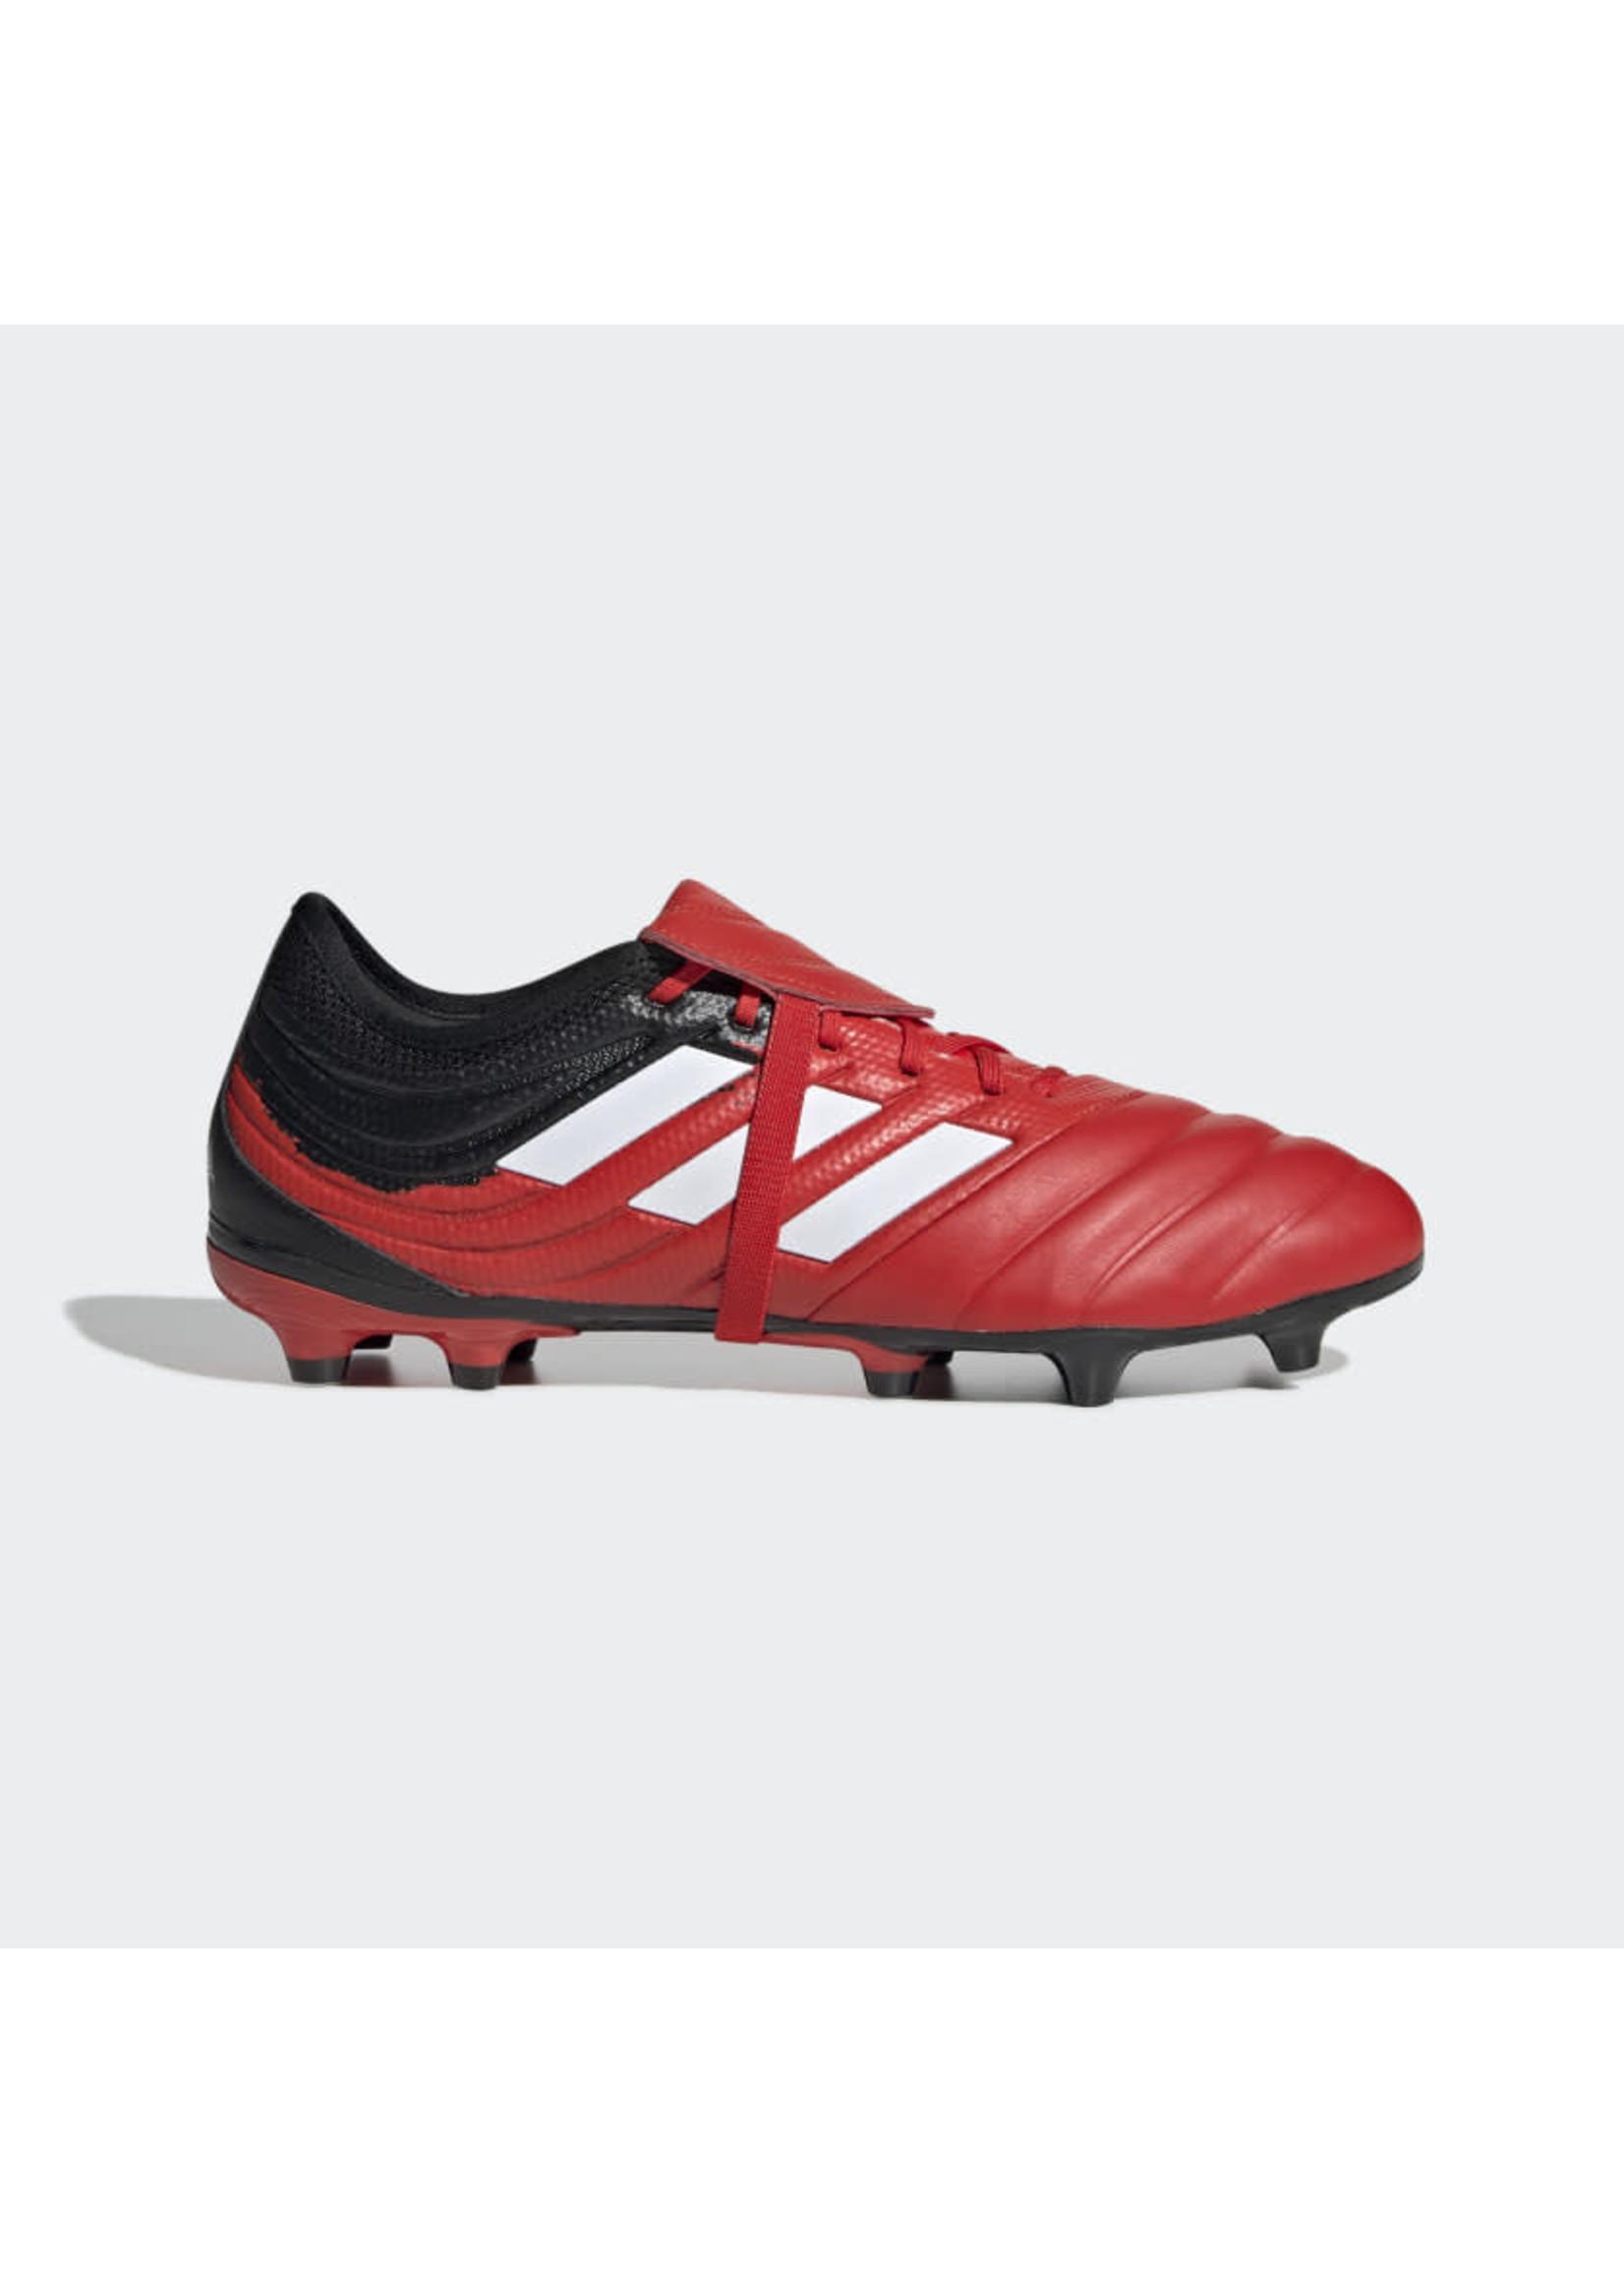 Adidas Copa Gloro 20.2 FG G28629